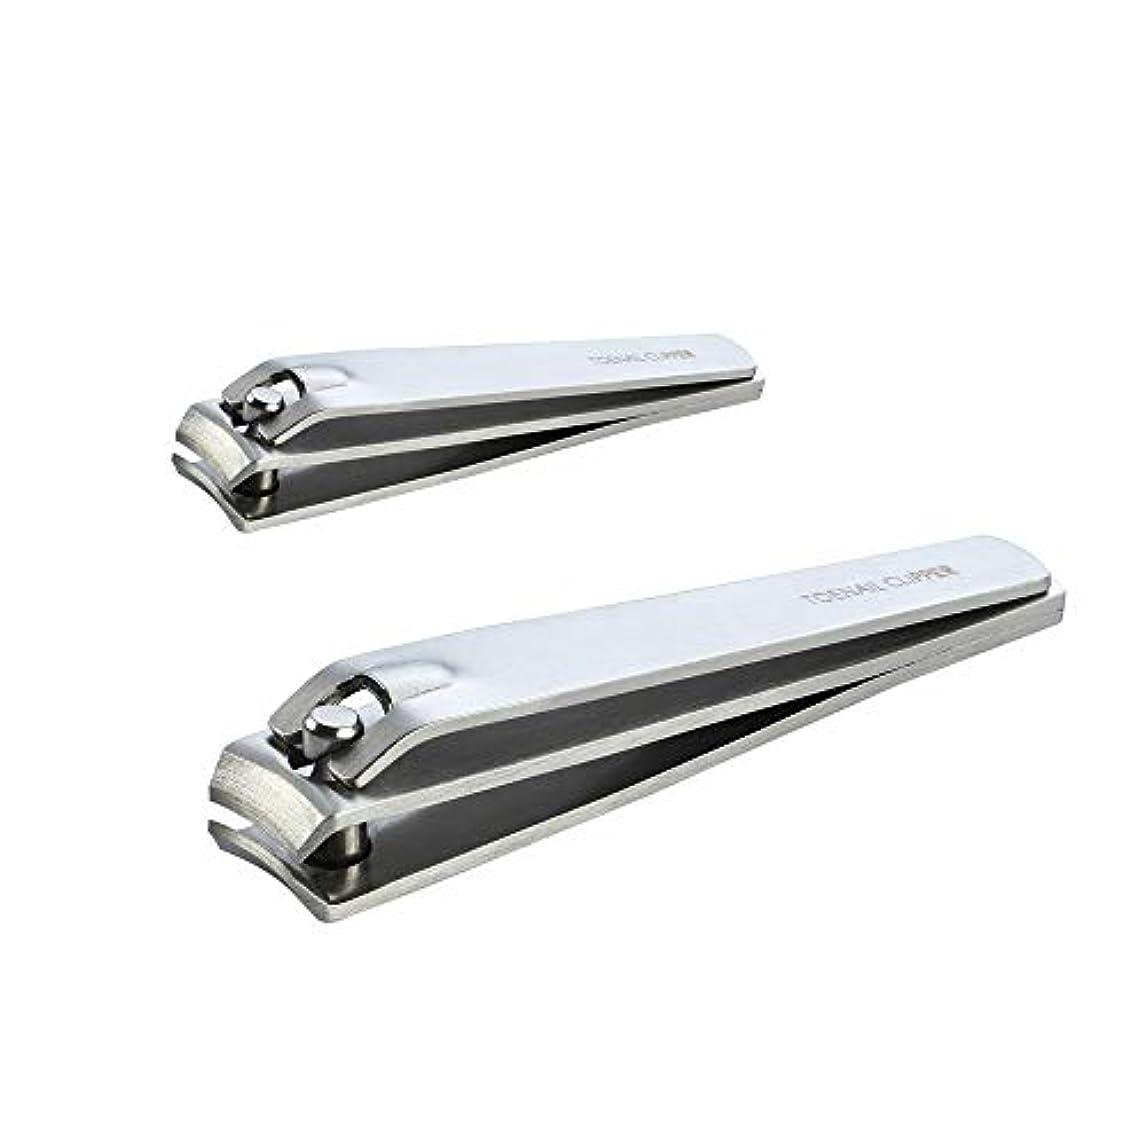 修羅場チョップゲートSurgeHai 爪切りデラックスネイルクリッパーセット、ステンレス鋼ネイルクリーナーカーブフィンガーネイル&トゥネイルクリッパーズ2個セット